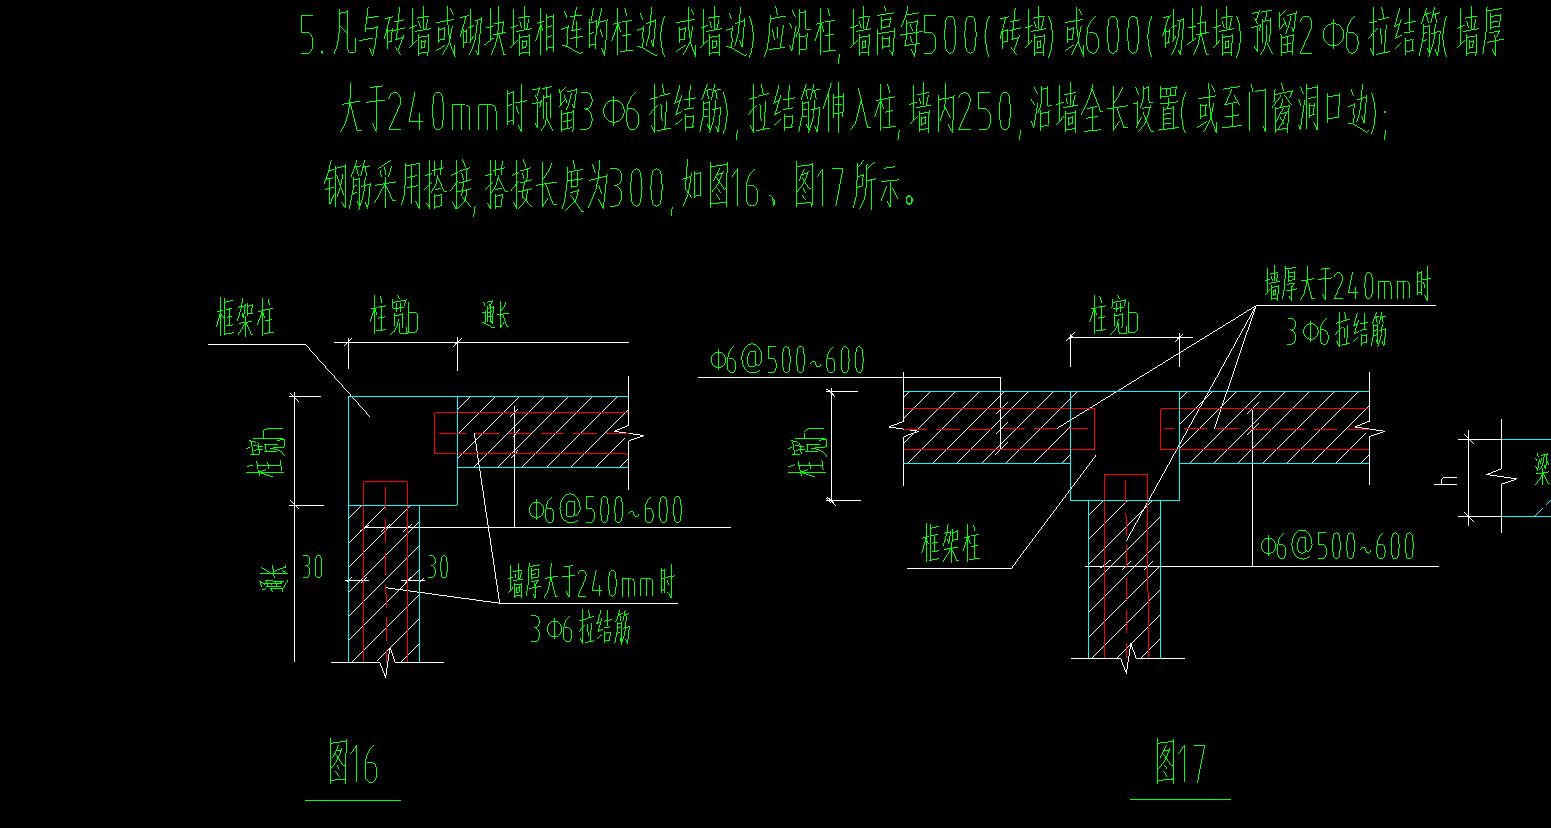 钢筋v钢筋砌体布置素描绘图纸图片